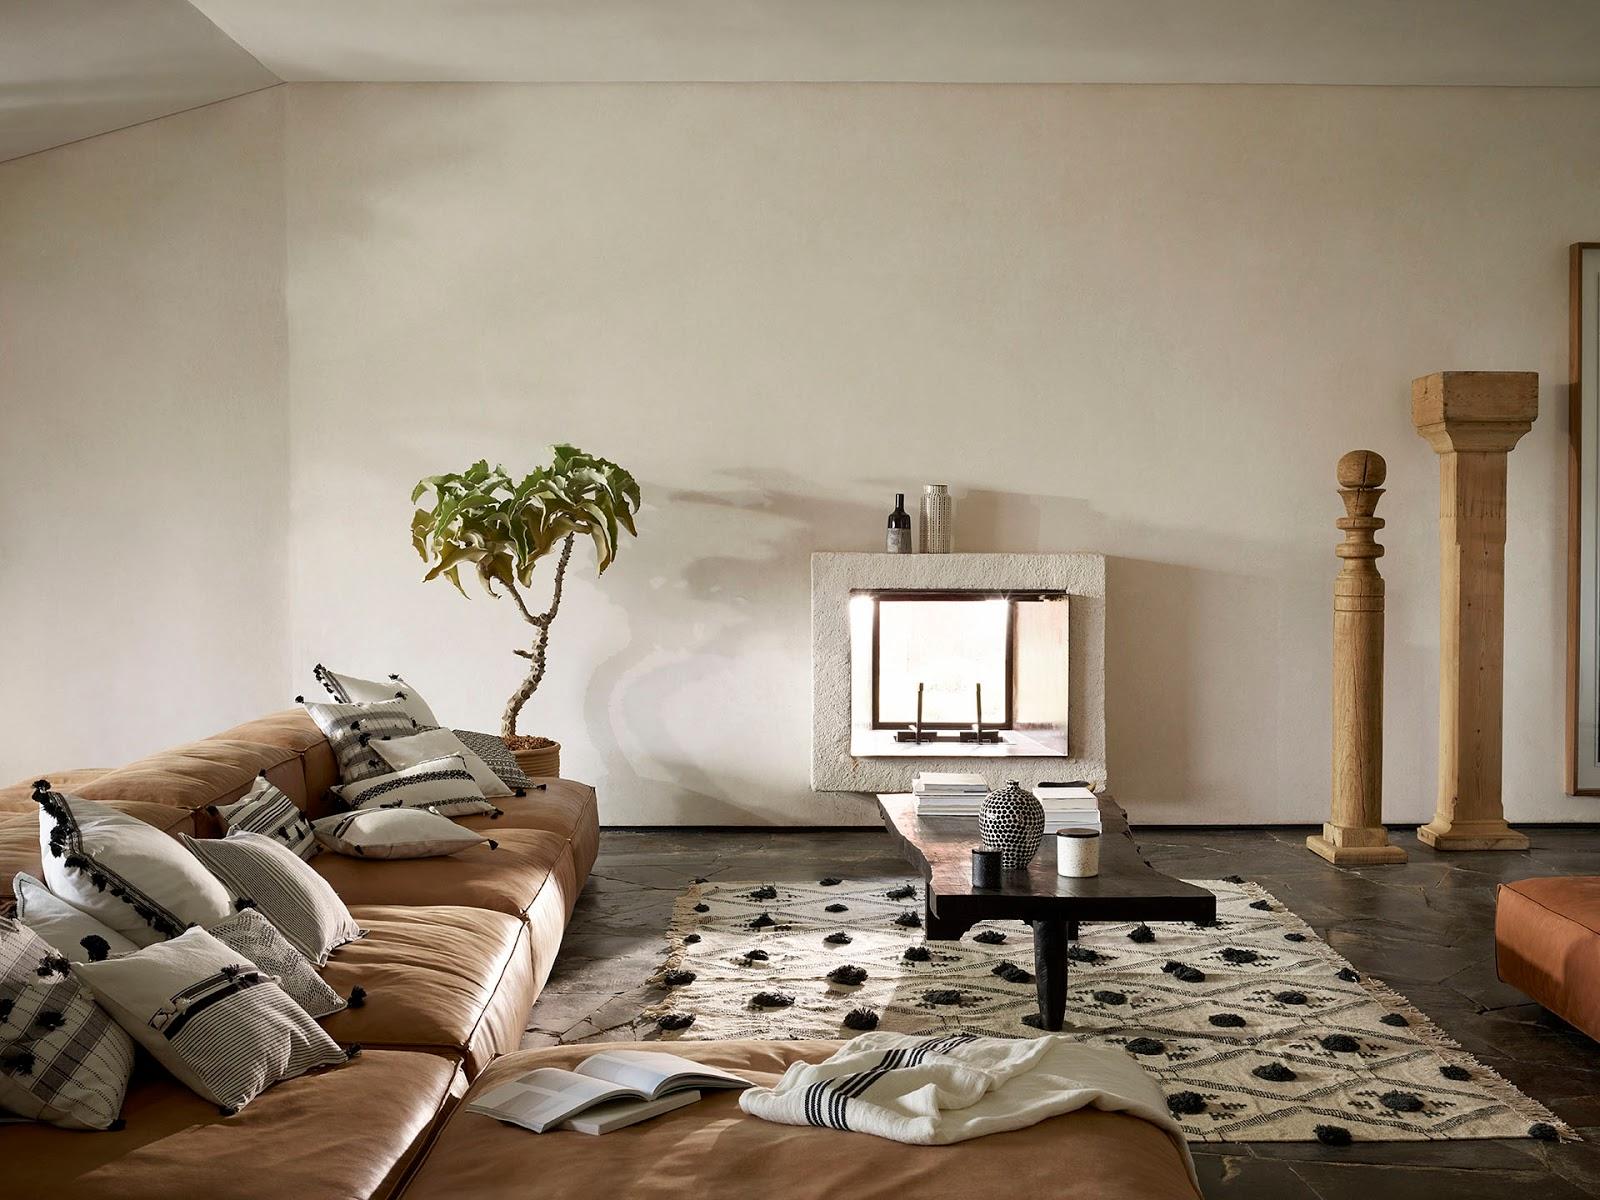 Casa tr s chic revista de fim de semana - Casa home muebles ...